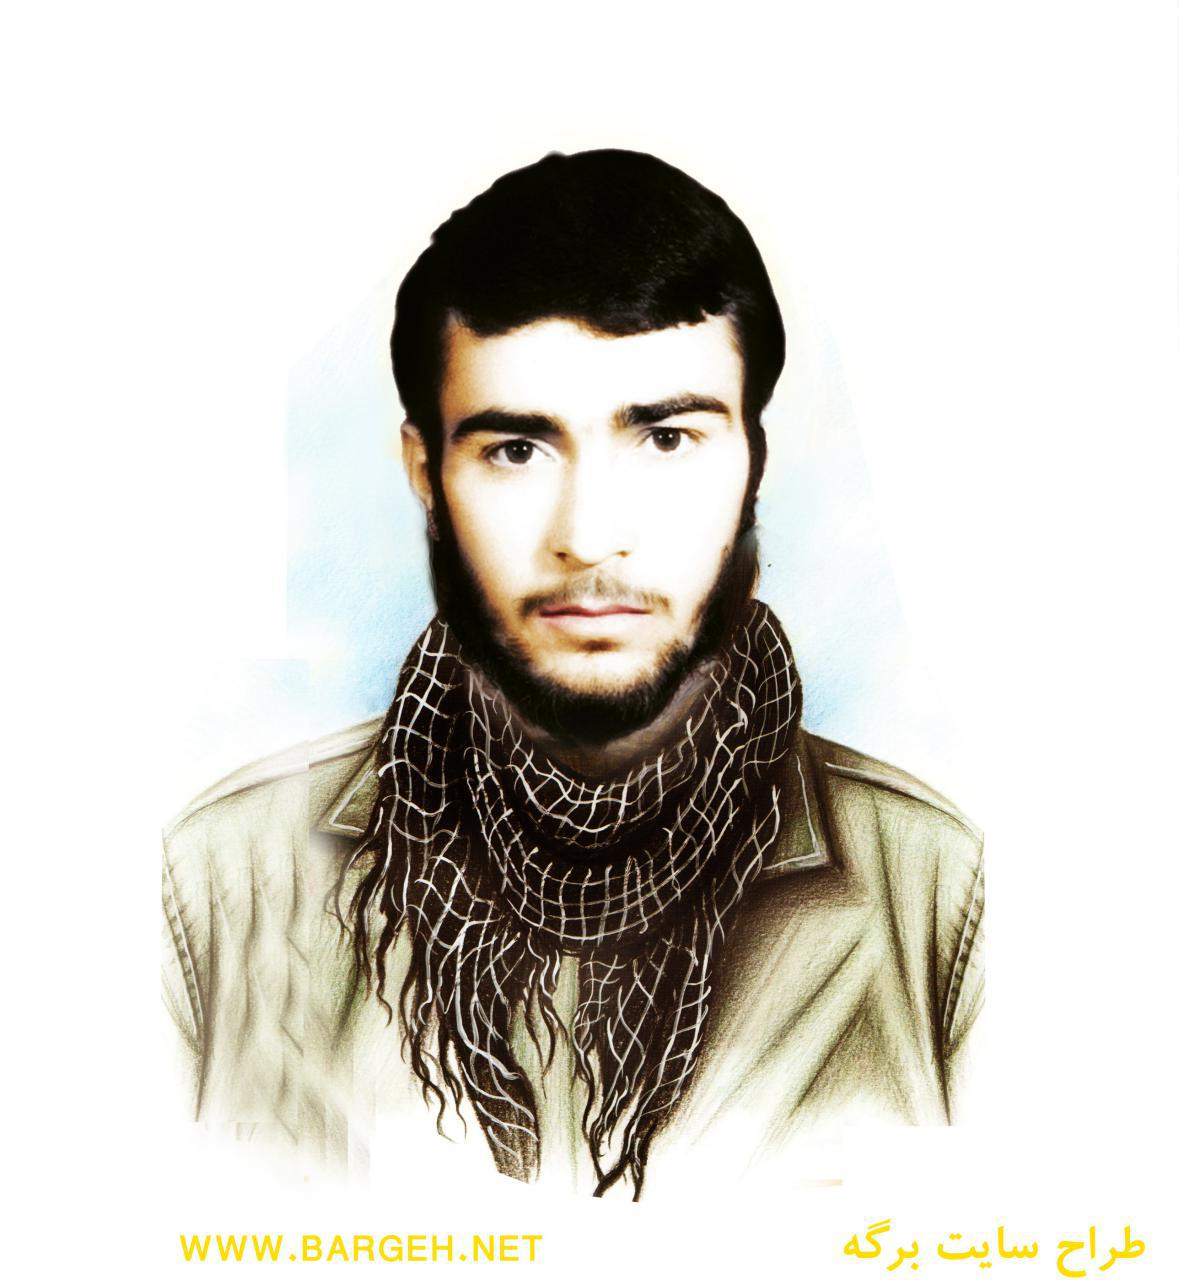 نقاشی شهید نظر علی معافی